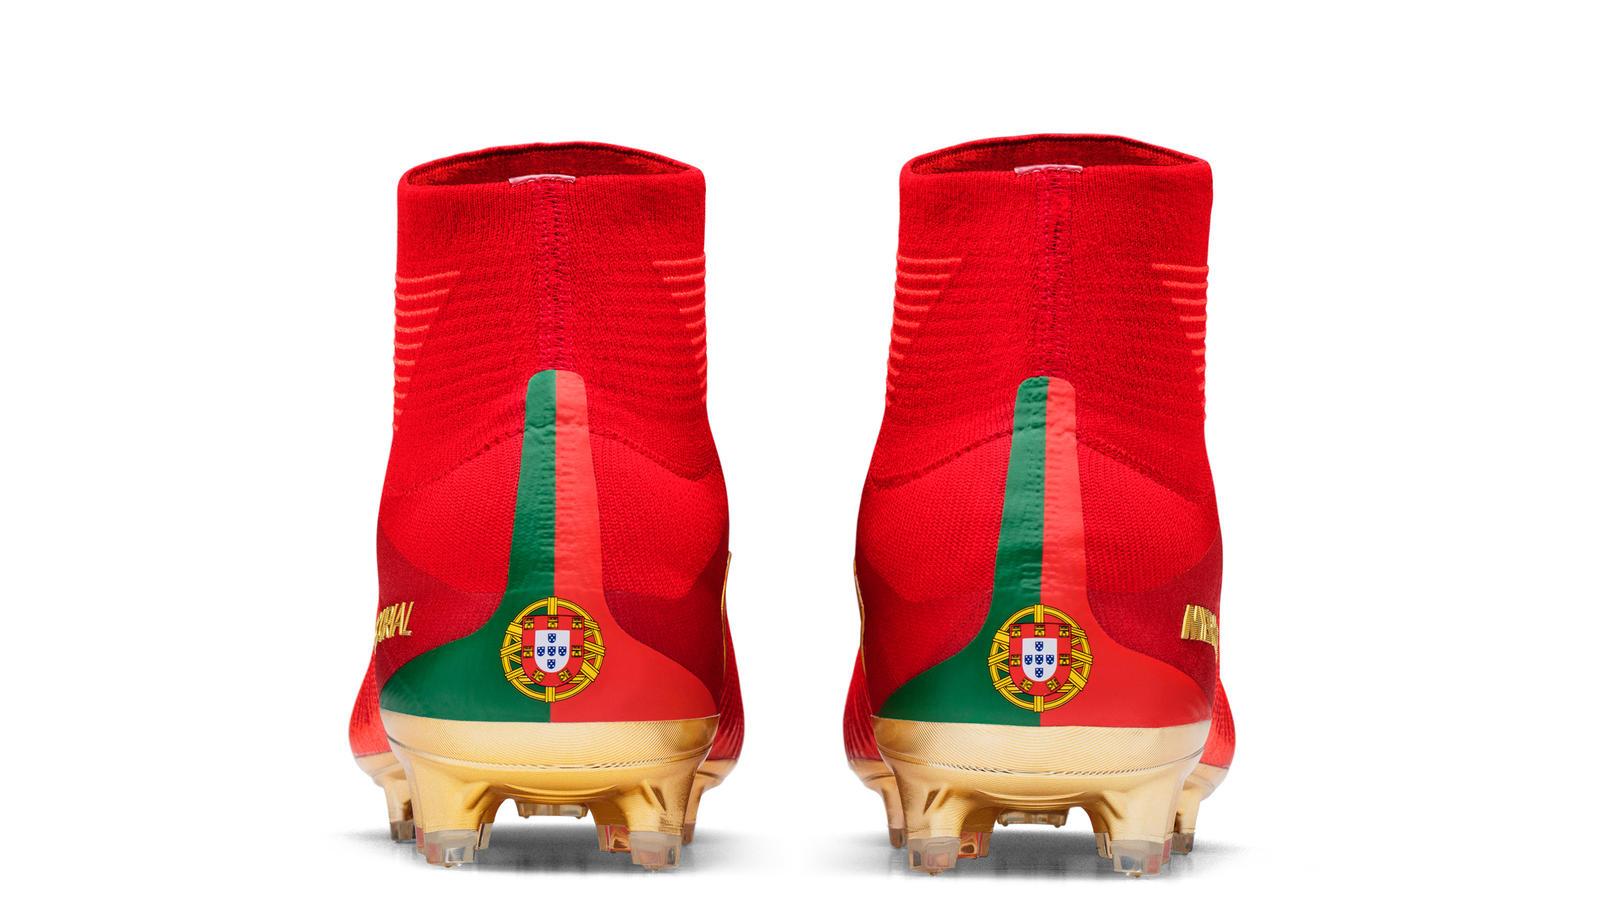 Special Portugal Boots for Cristiano Ronaldo  CR7 Mercurial Campeões ... 824a9593a